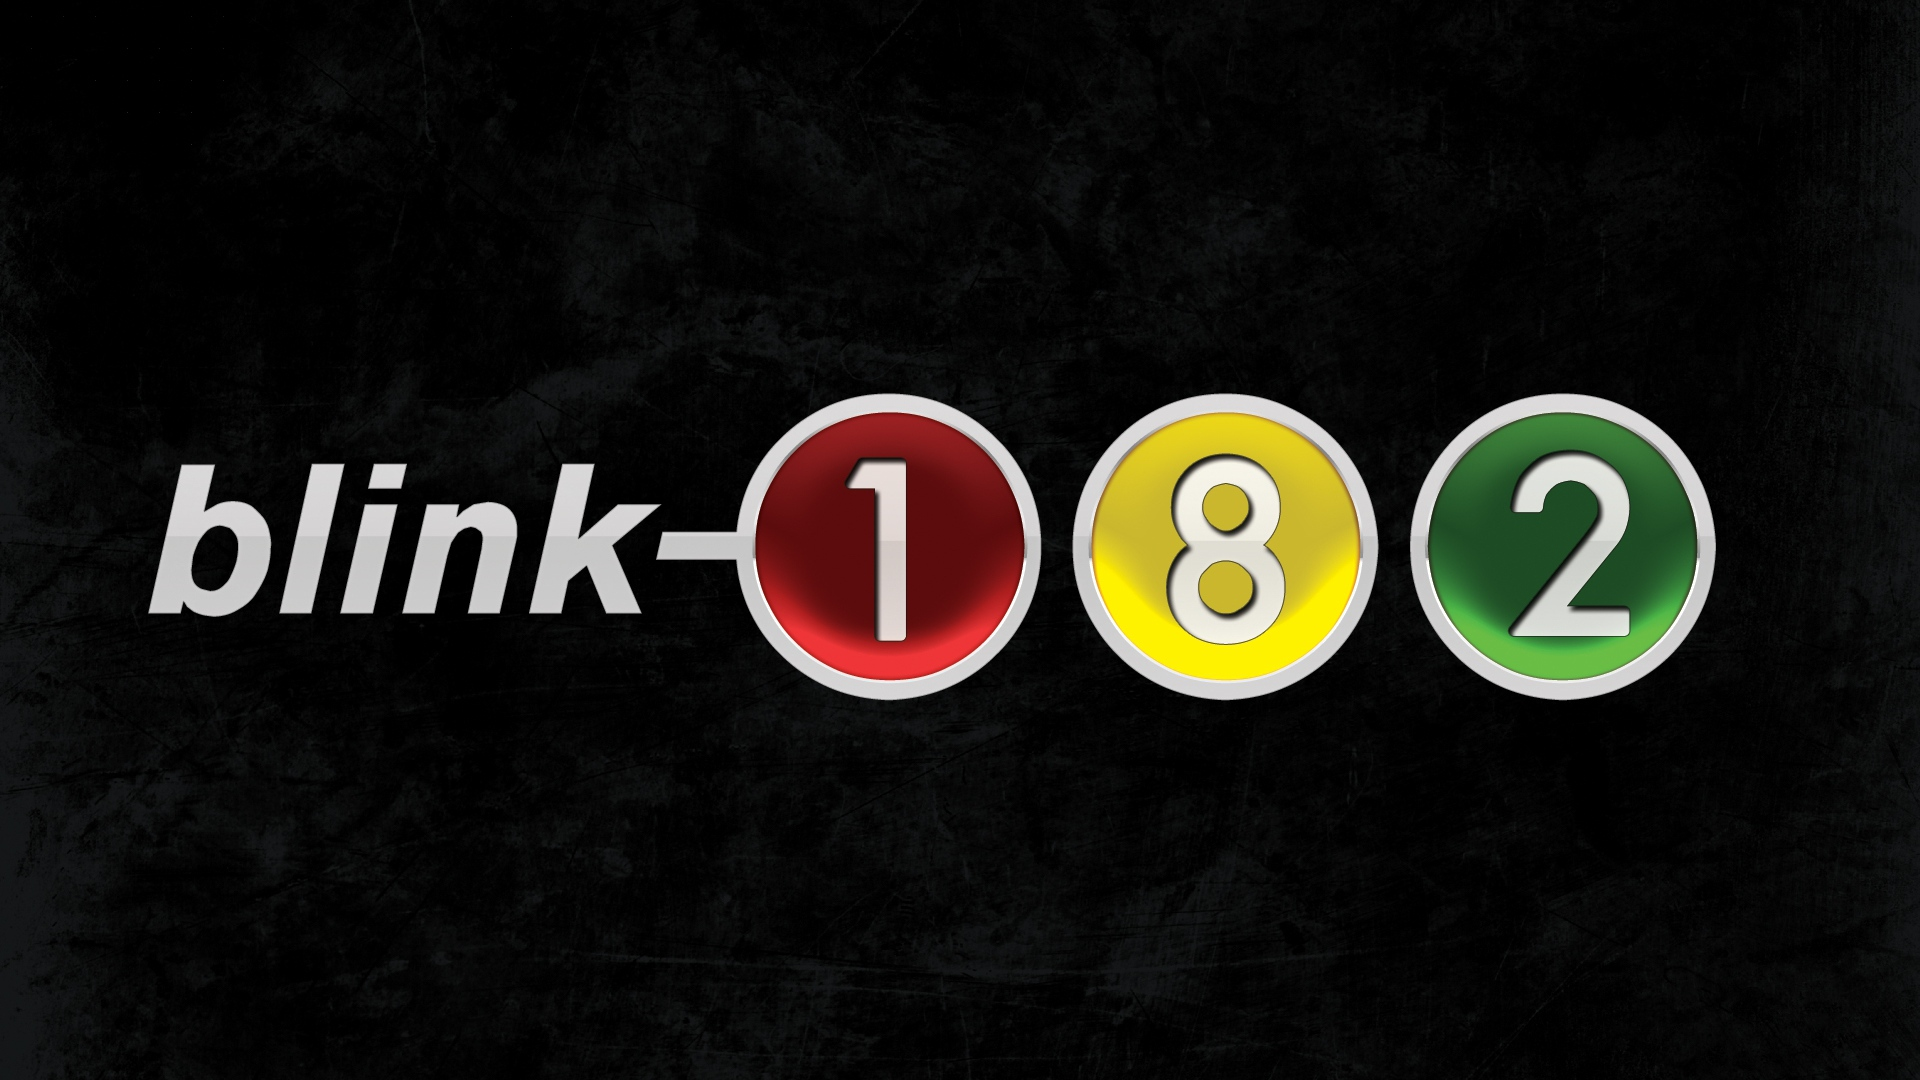 Best 47 Blink 182 Wallpaper on HipWallpaper Blink 182 Smiley 1920x1080